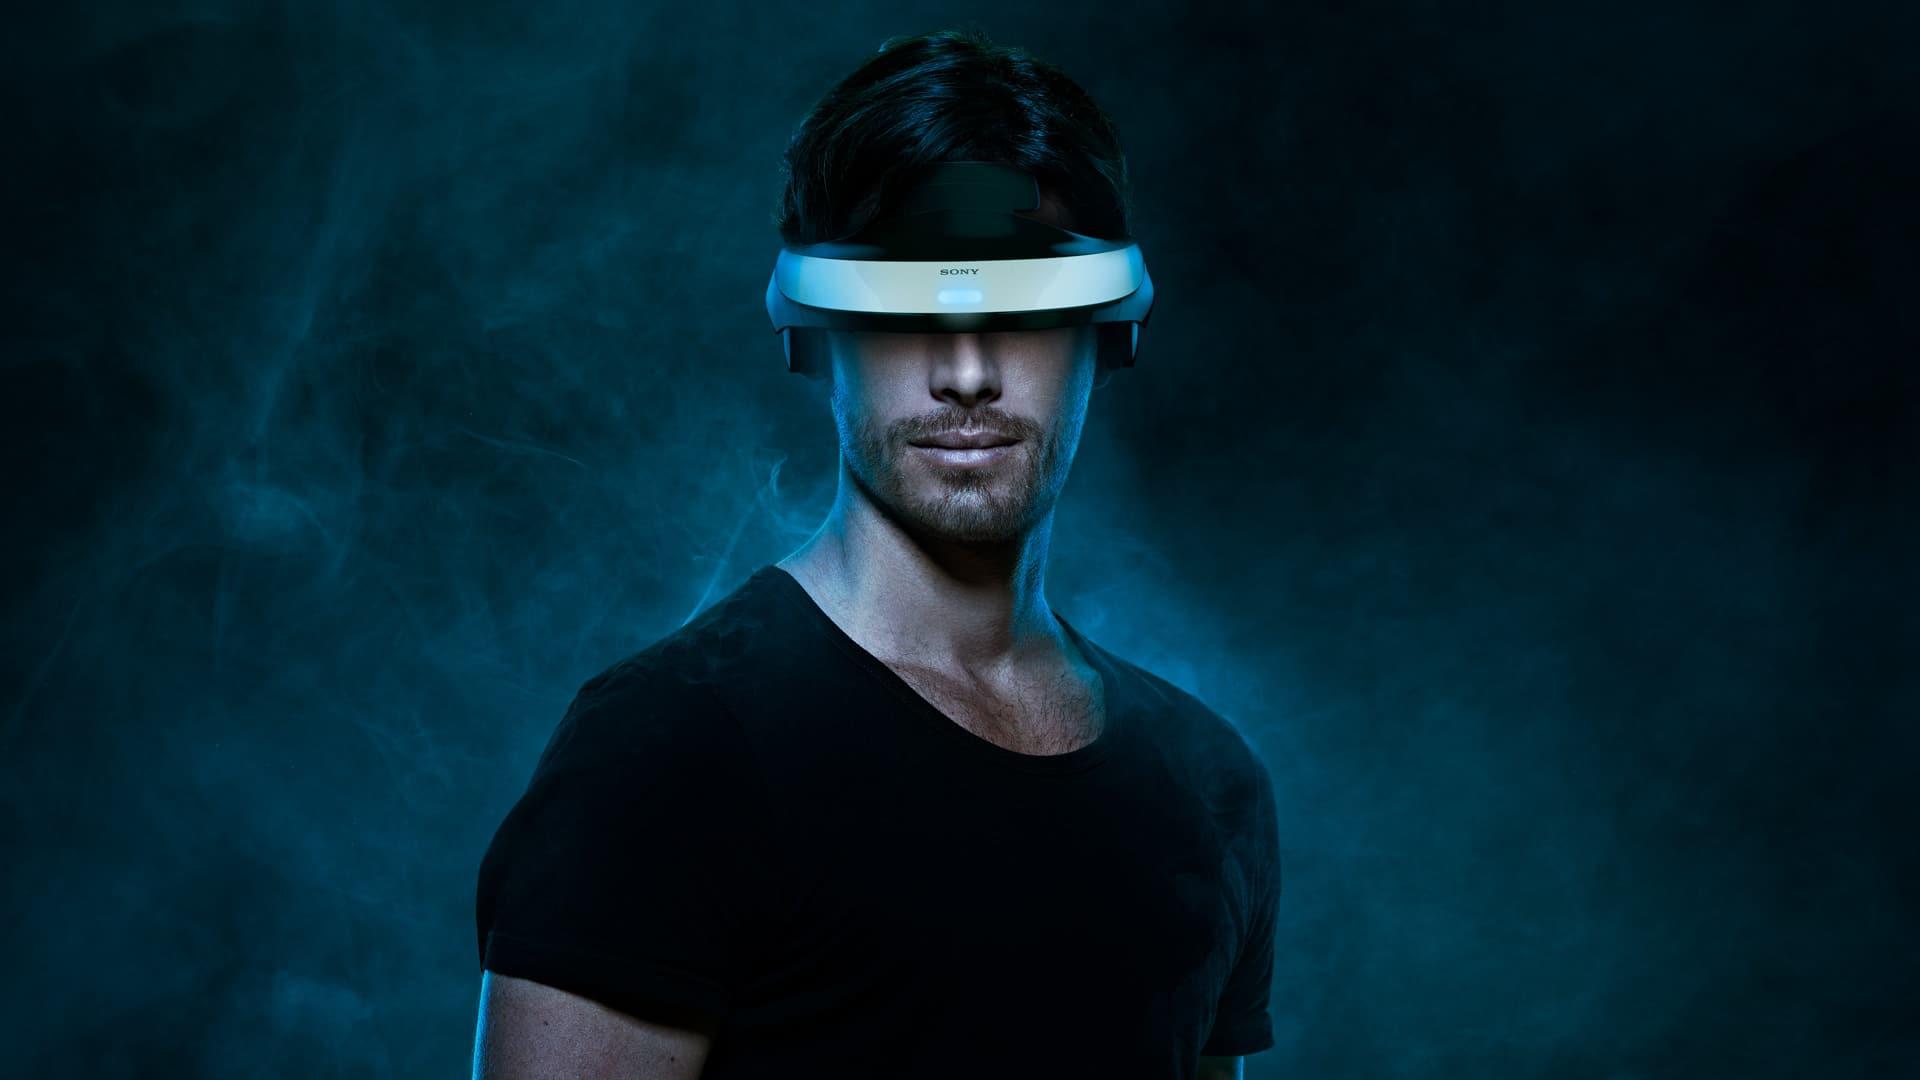 fotografo-desmistifica-aplicacao-oculos-vr-unicamente-publico-gamer-capa-eMania-03-06